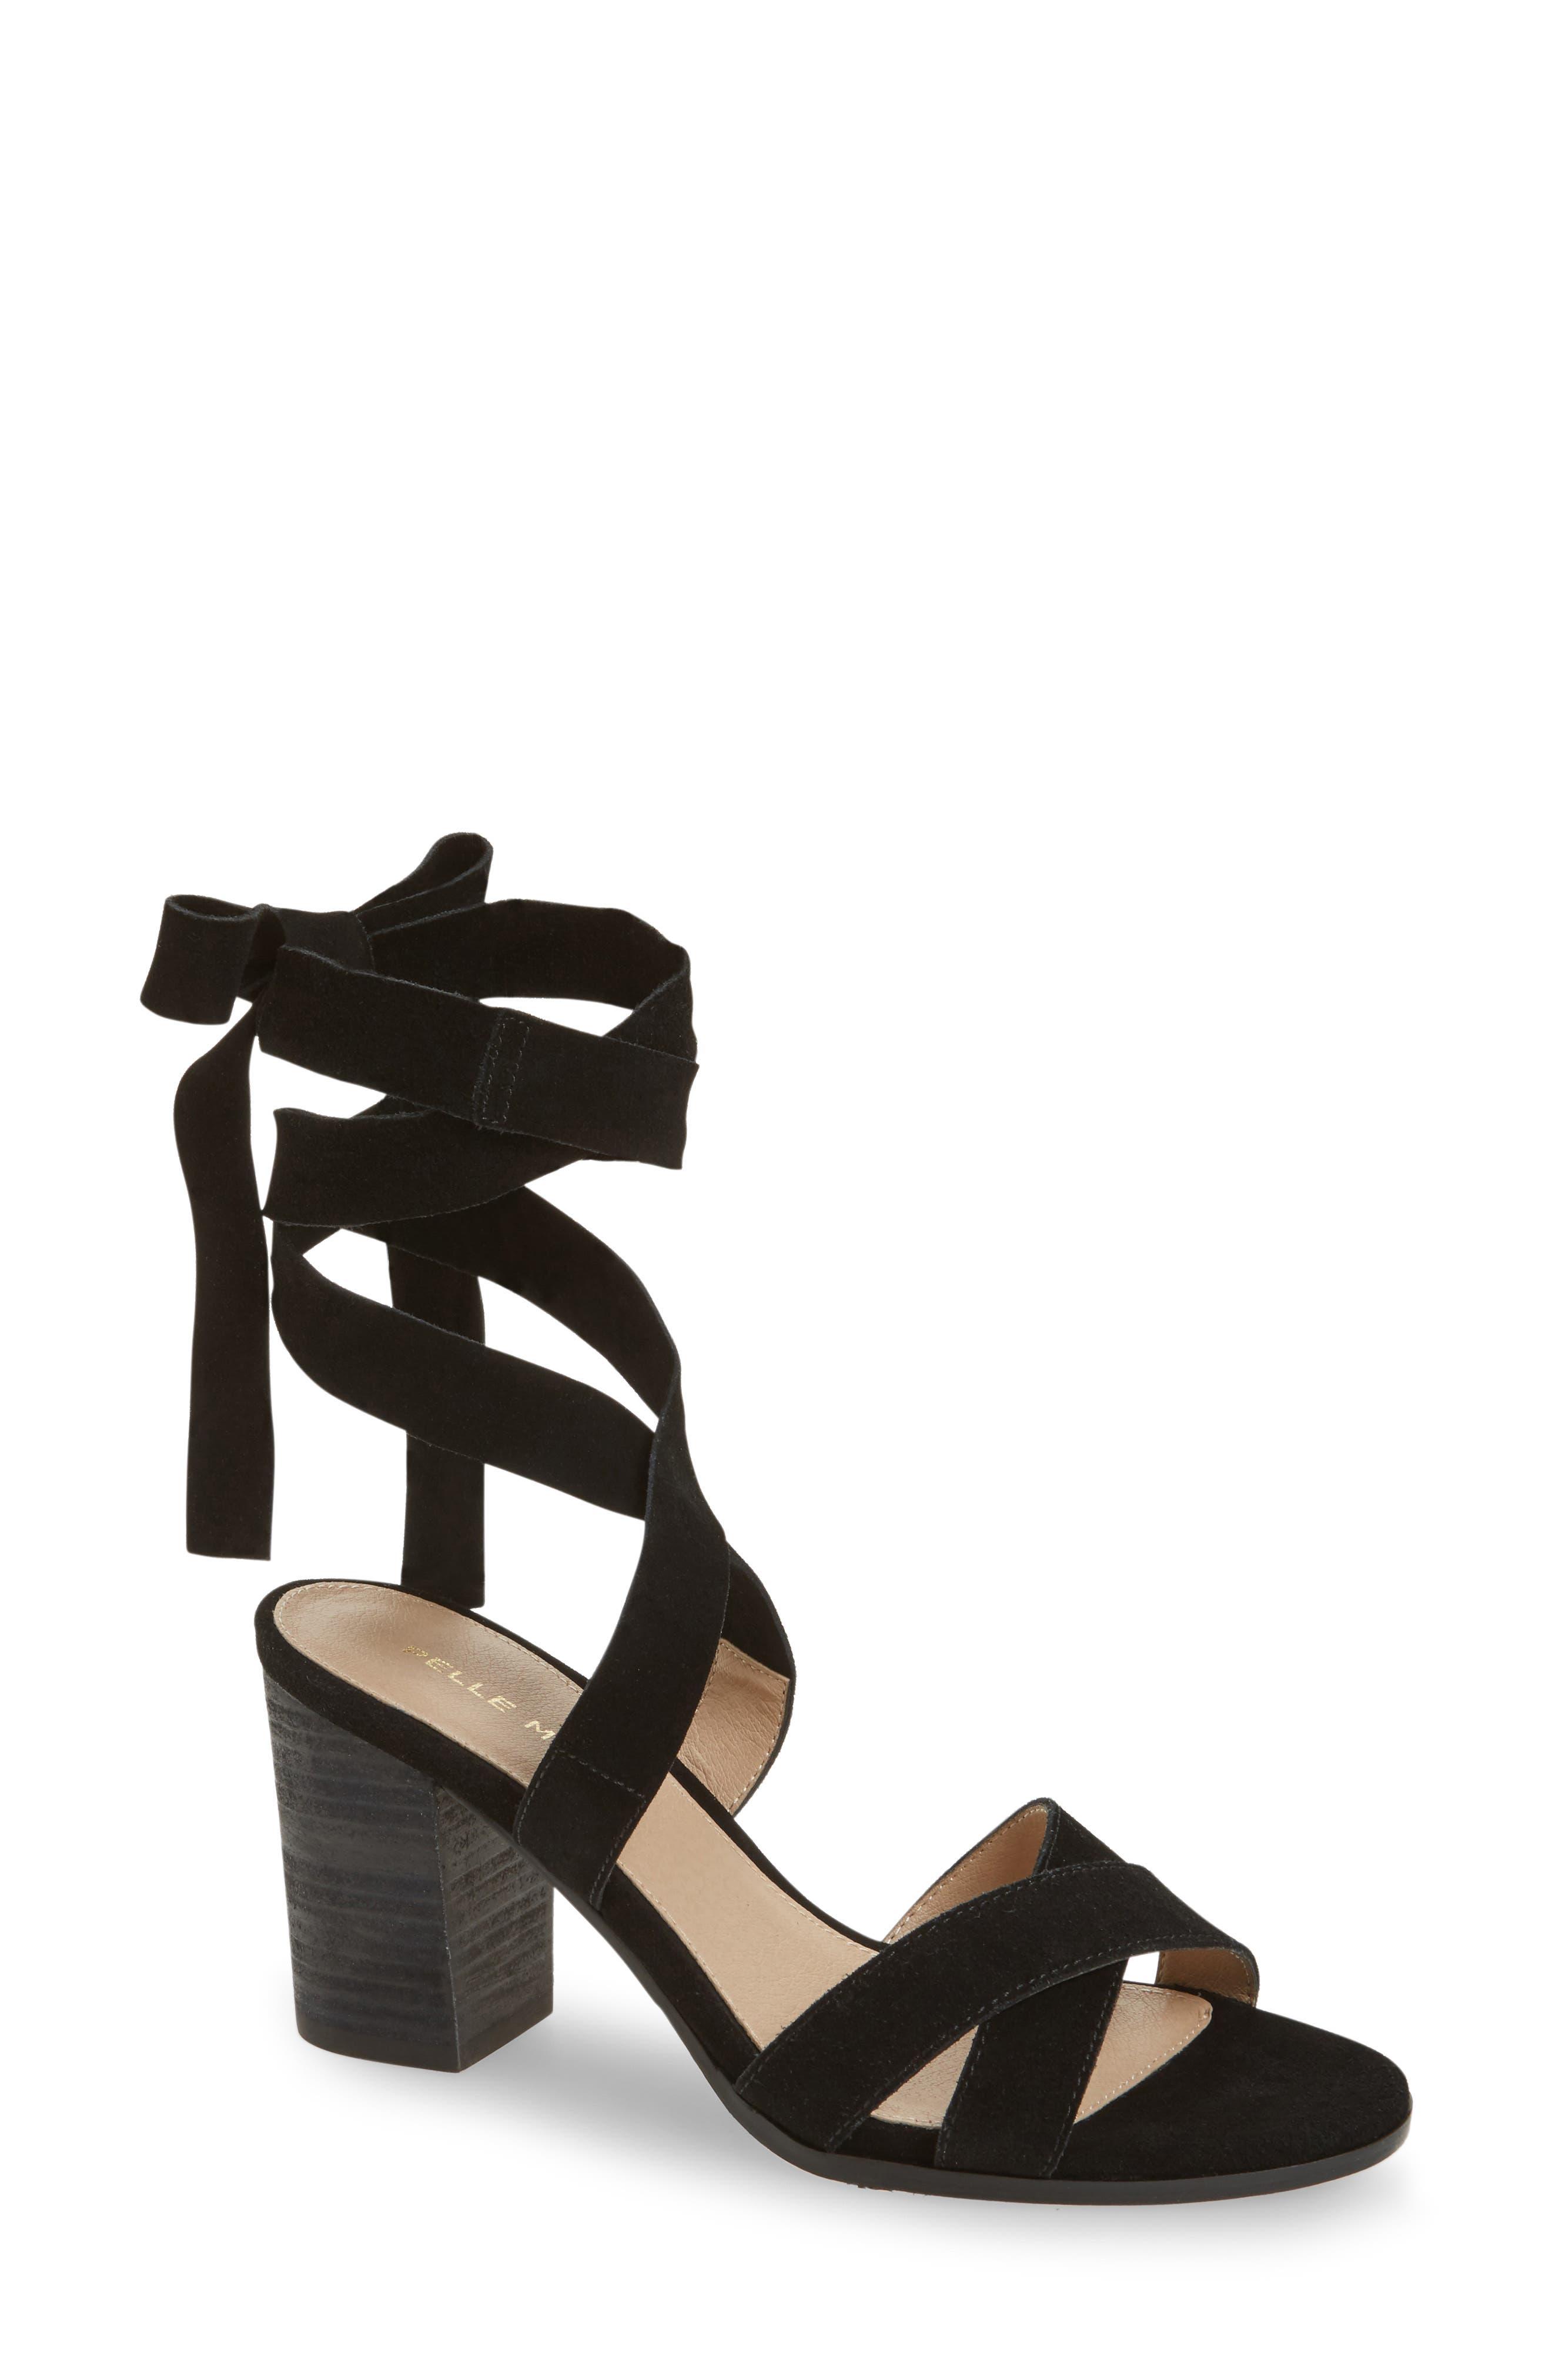 Alternate Image 1 Selected - Pelle Moda Bonjour Ankle Wrap Sandal (Women)